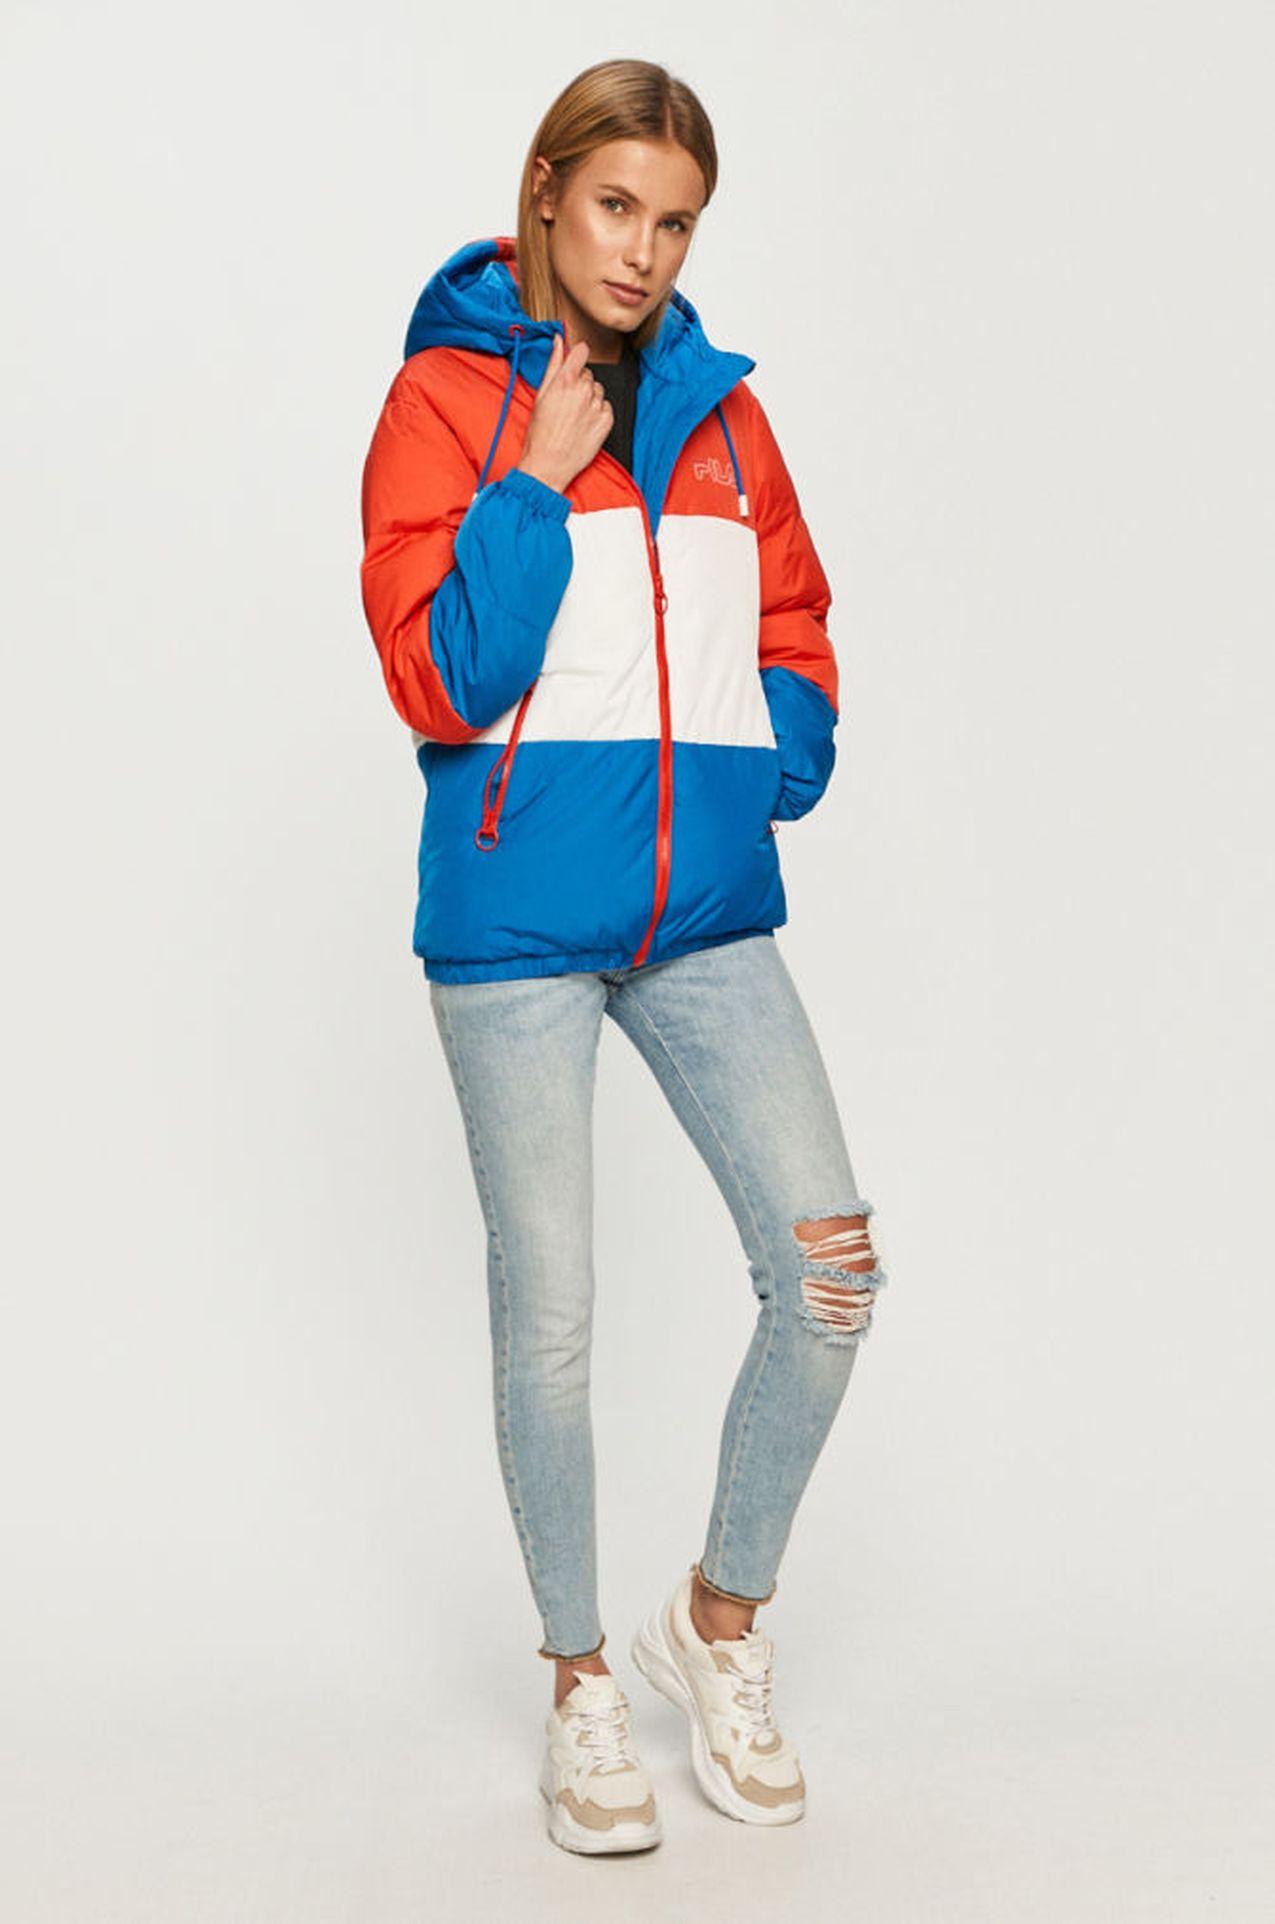 Kolorowa kurtka na zimę